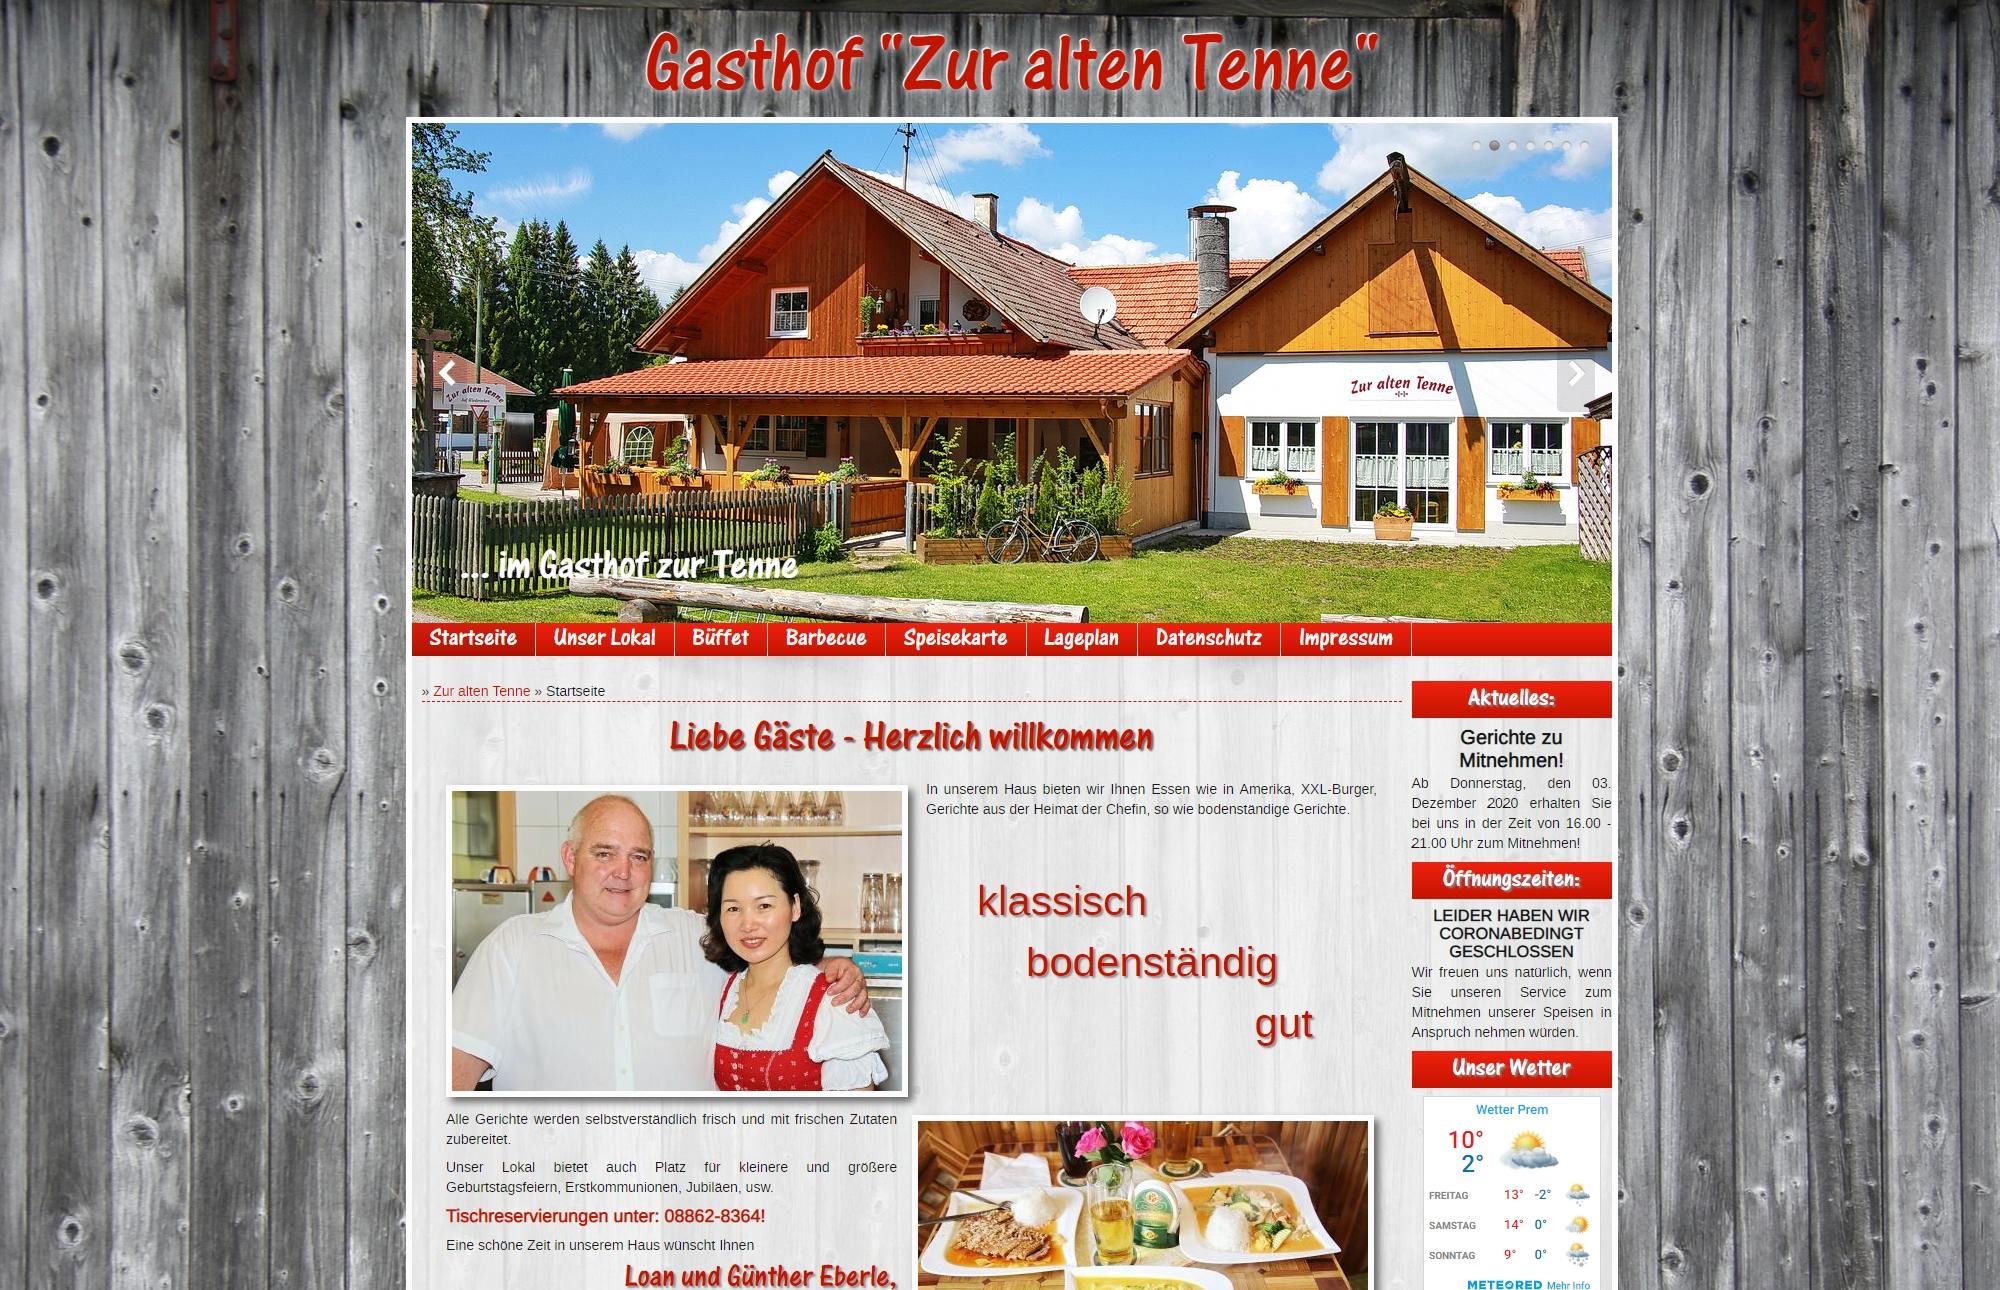 Gasthof Zur alten Tenne